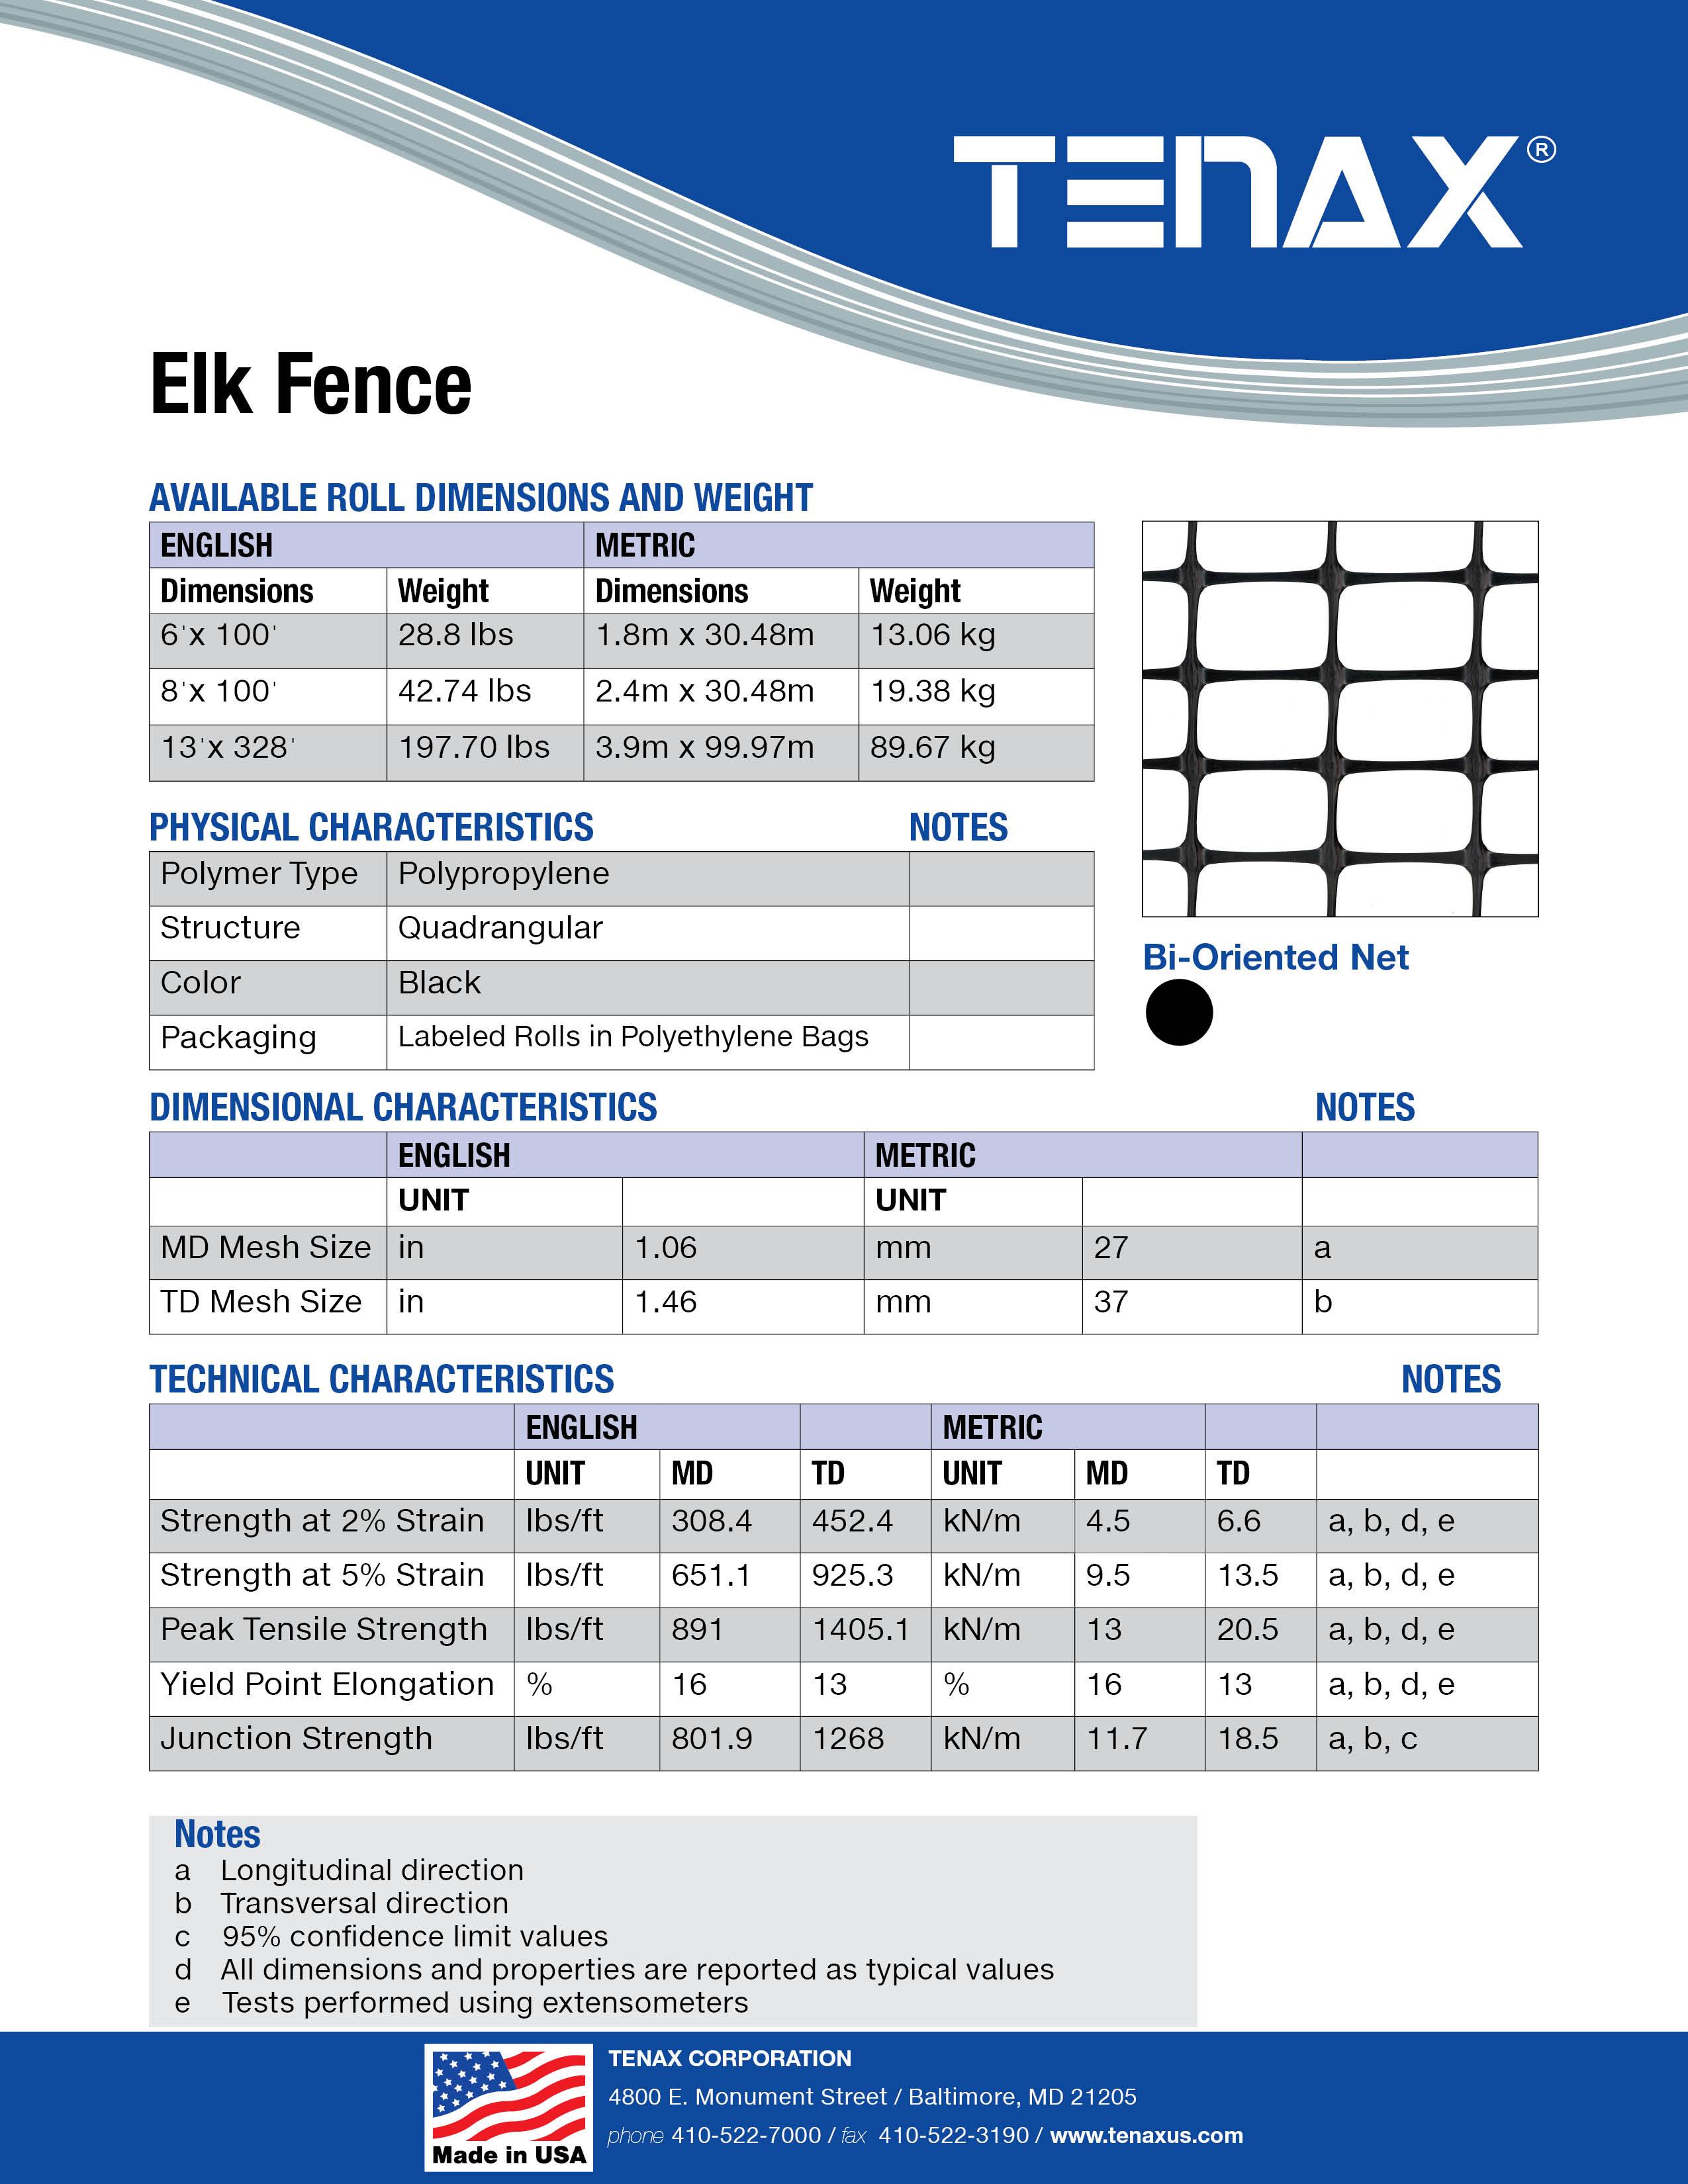 elk-fence-image-spec1.jpg